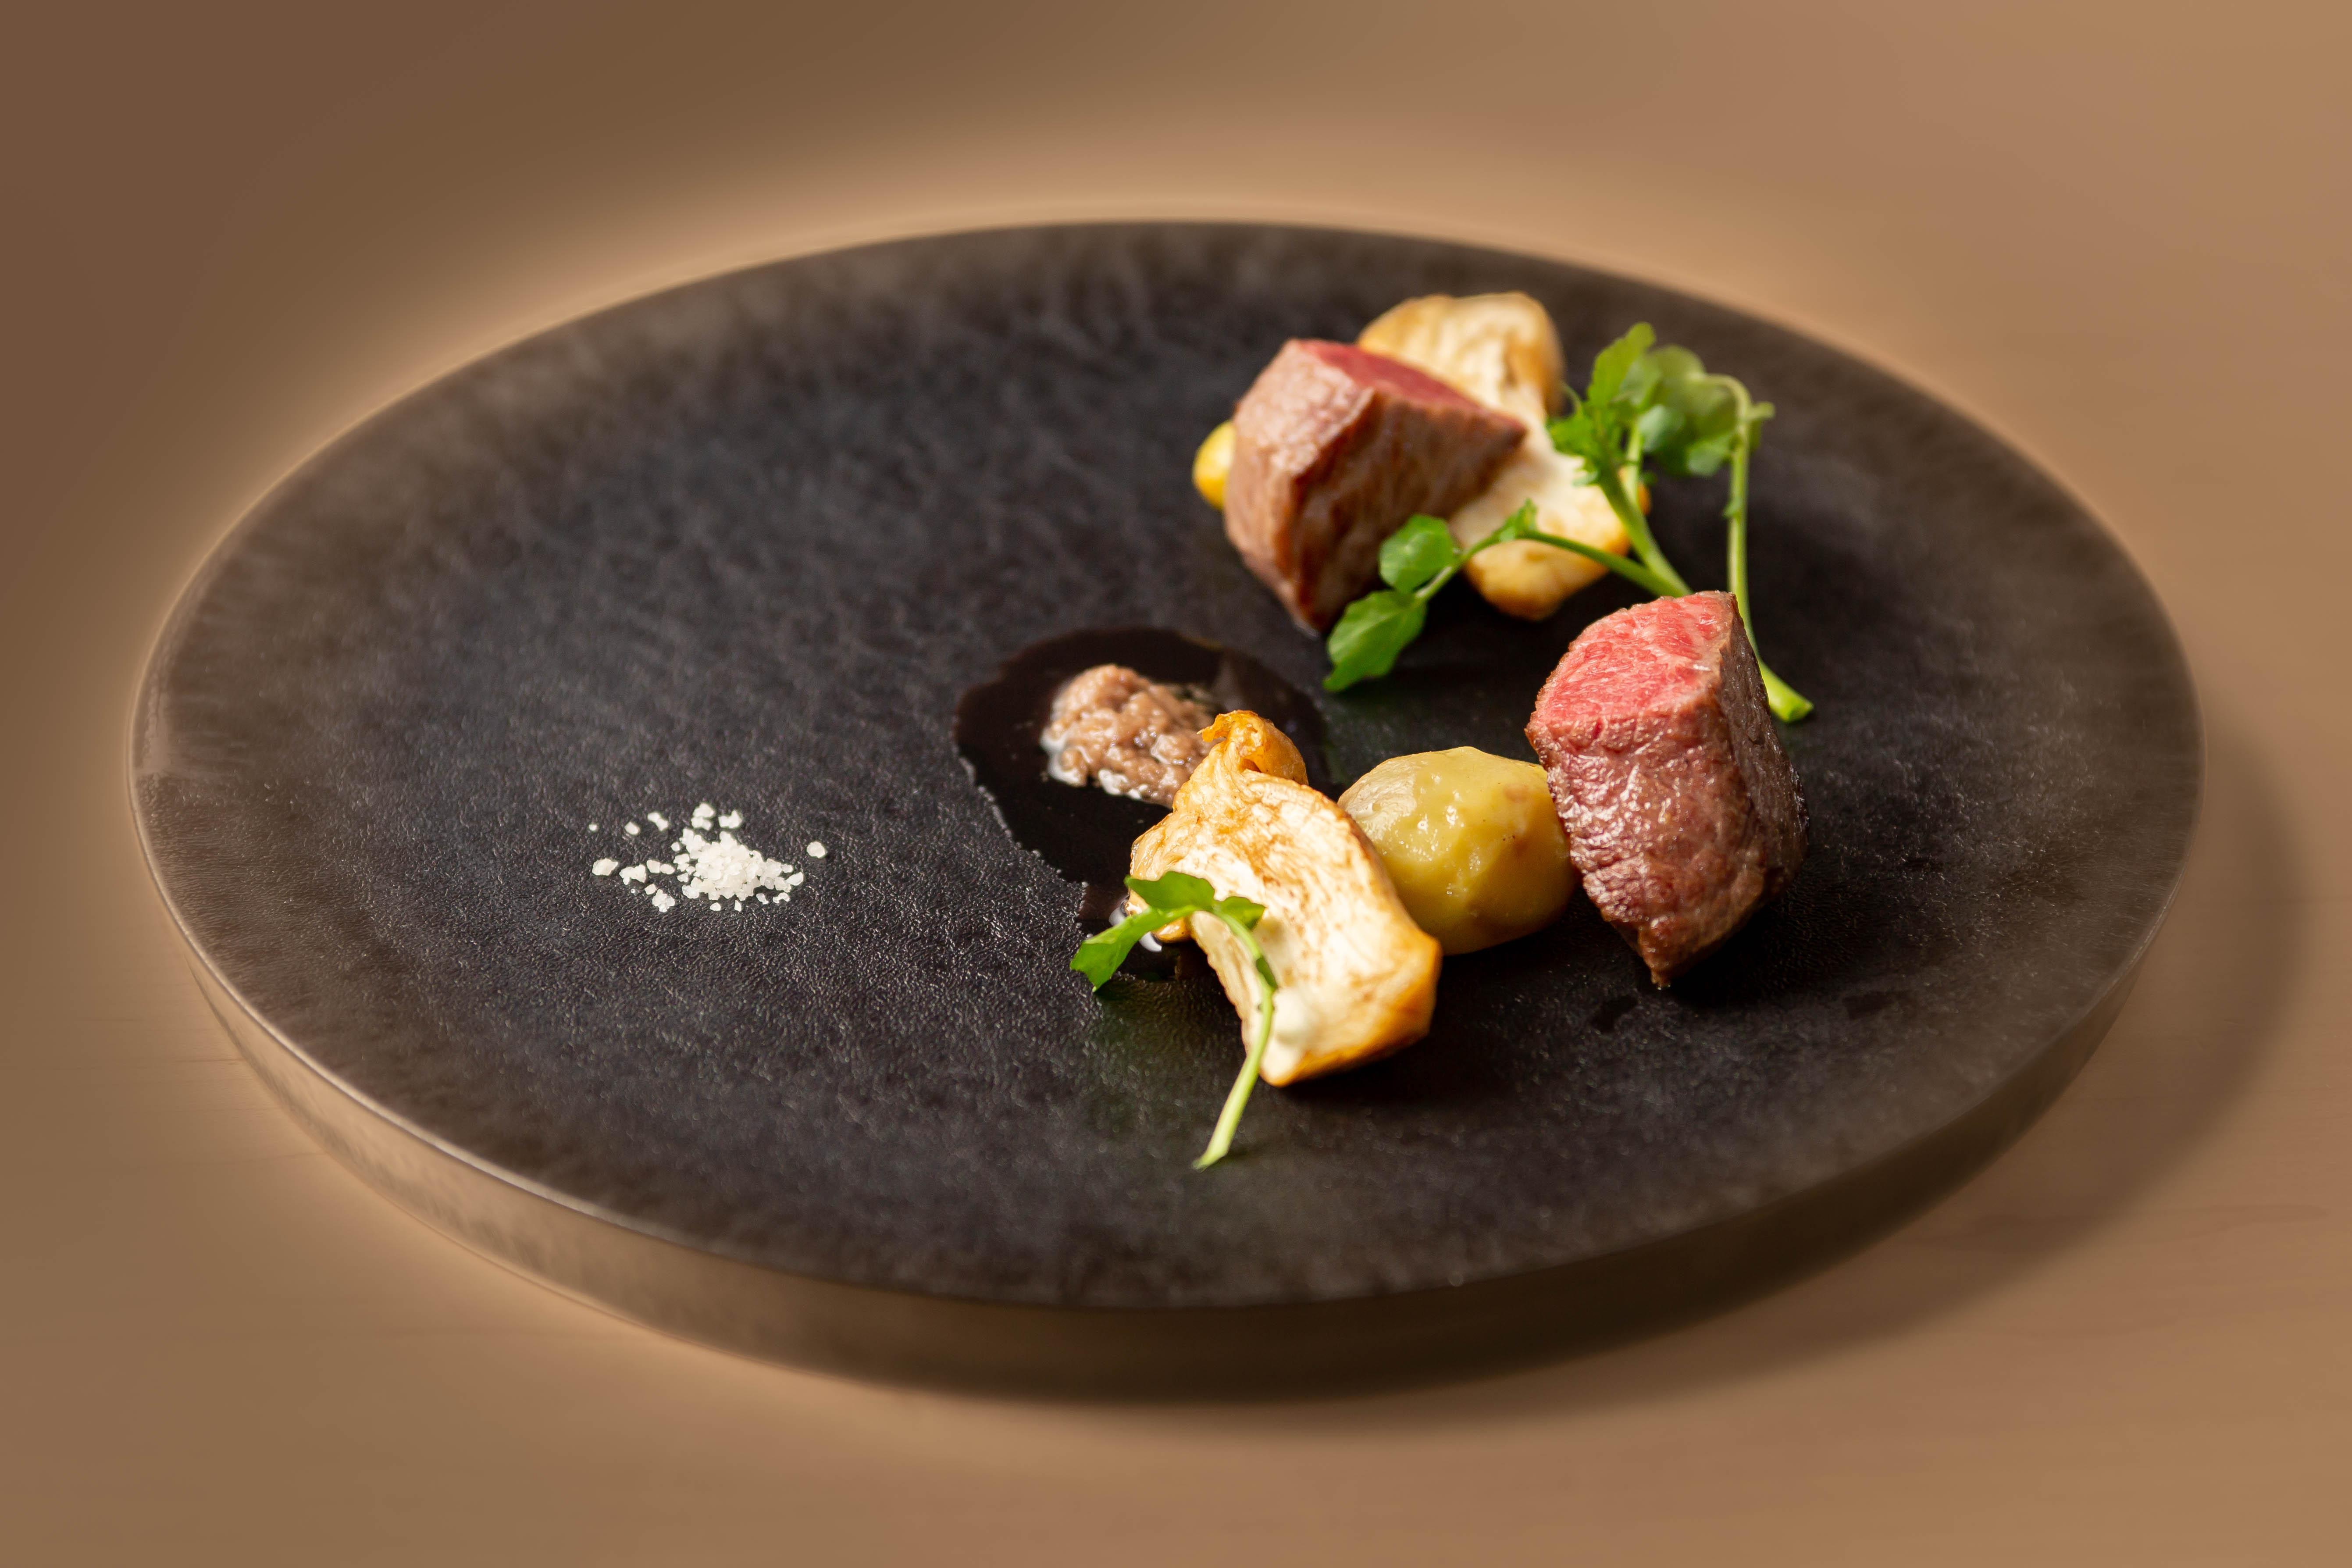 東京ミッドタウン日比谷、フランス料理店「Restaurant TOYO Tokyo ...